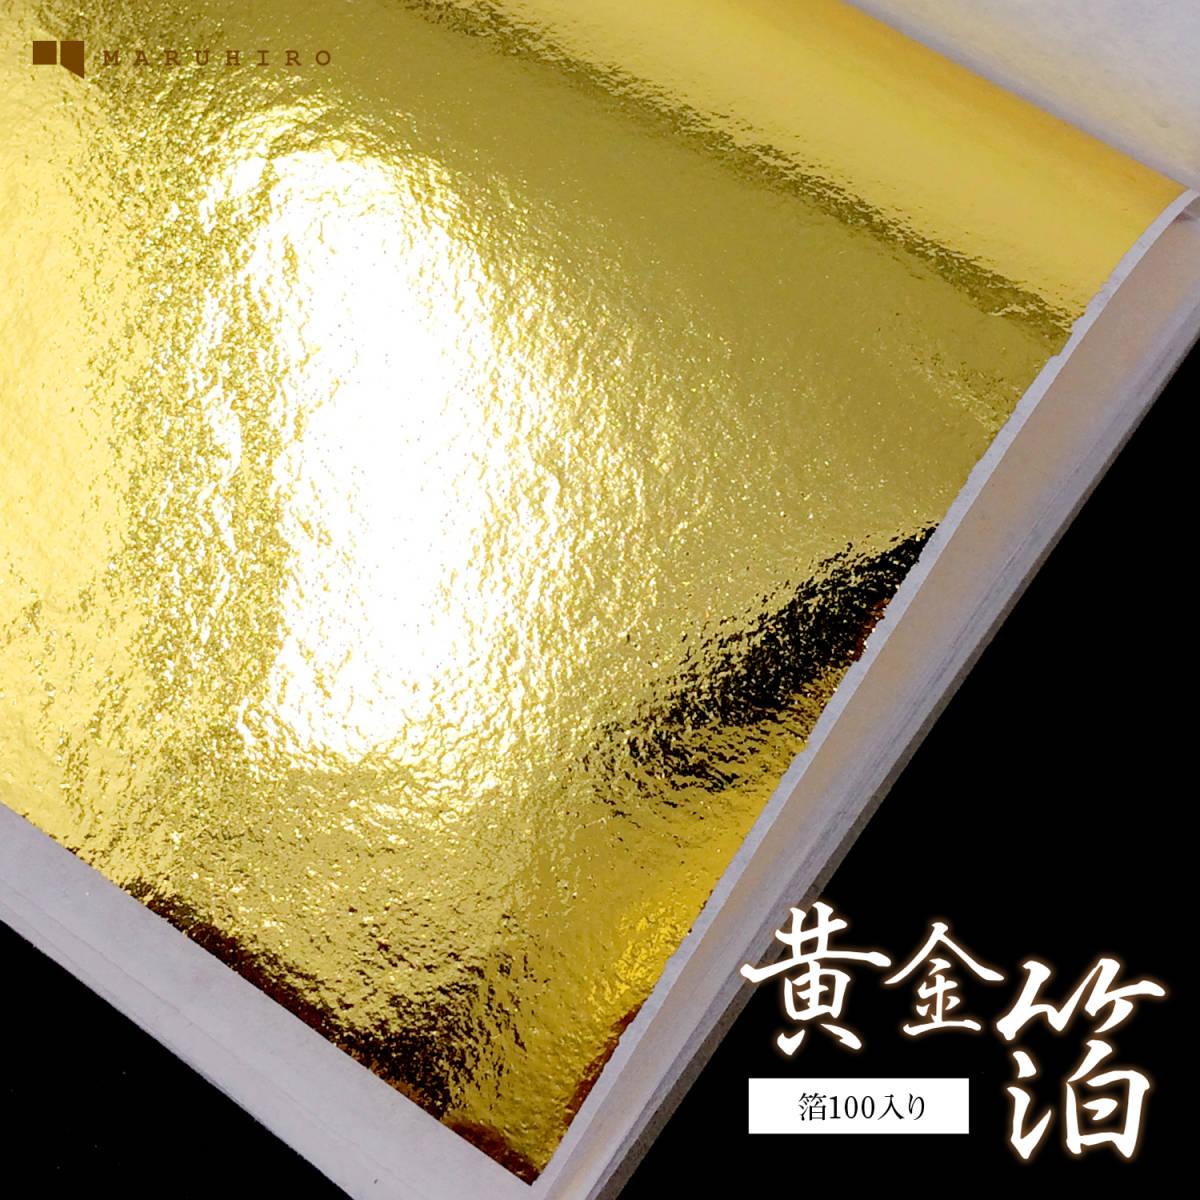 【即決】金箔 GOLD フェイク ゴールド 金色 美術 工芸 デコレーション 【 金ぱく 約100枚、竹ばし、刷毛セット 】_画像7